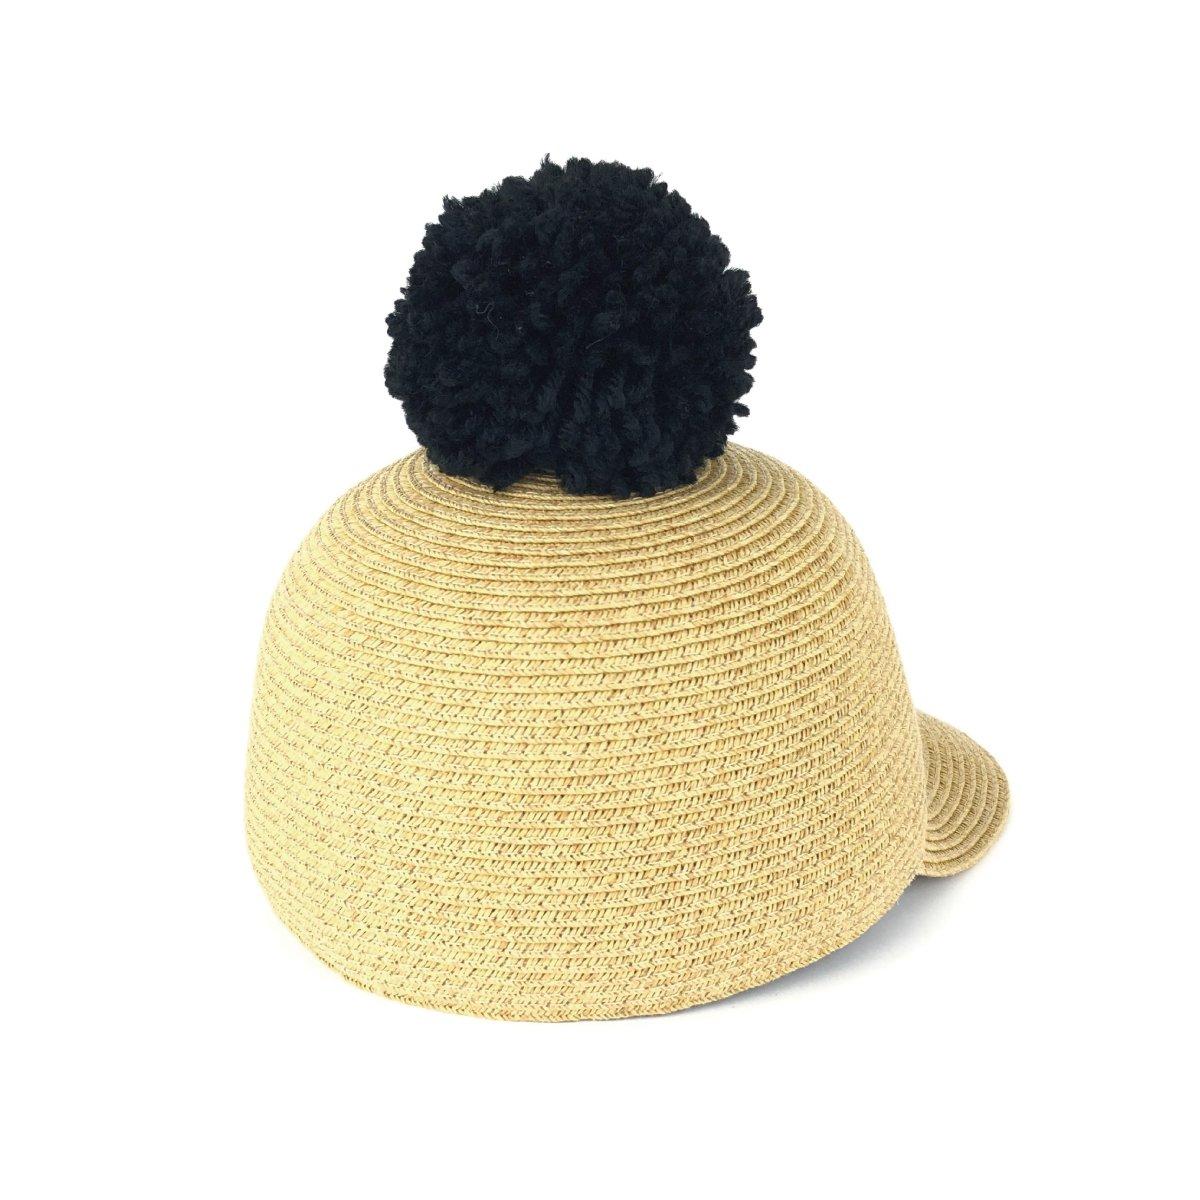 【KIDS】Big Pom Braid Cap 詳細画像5